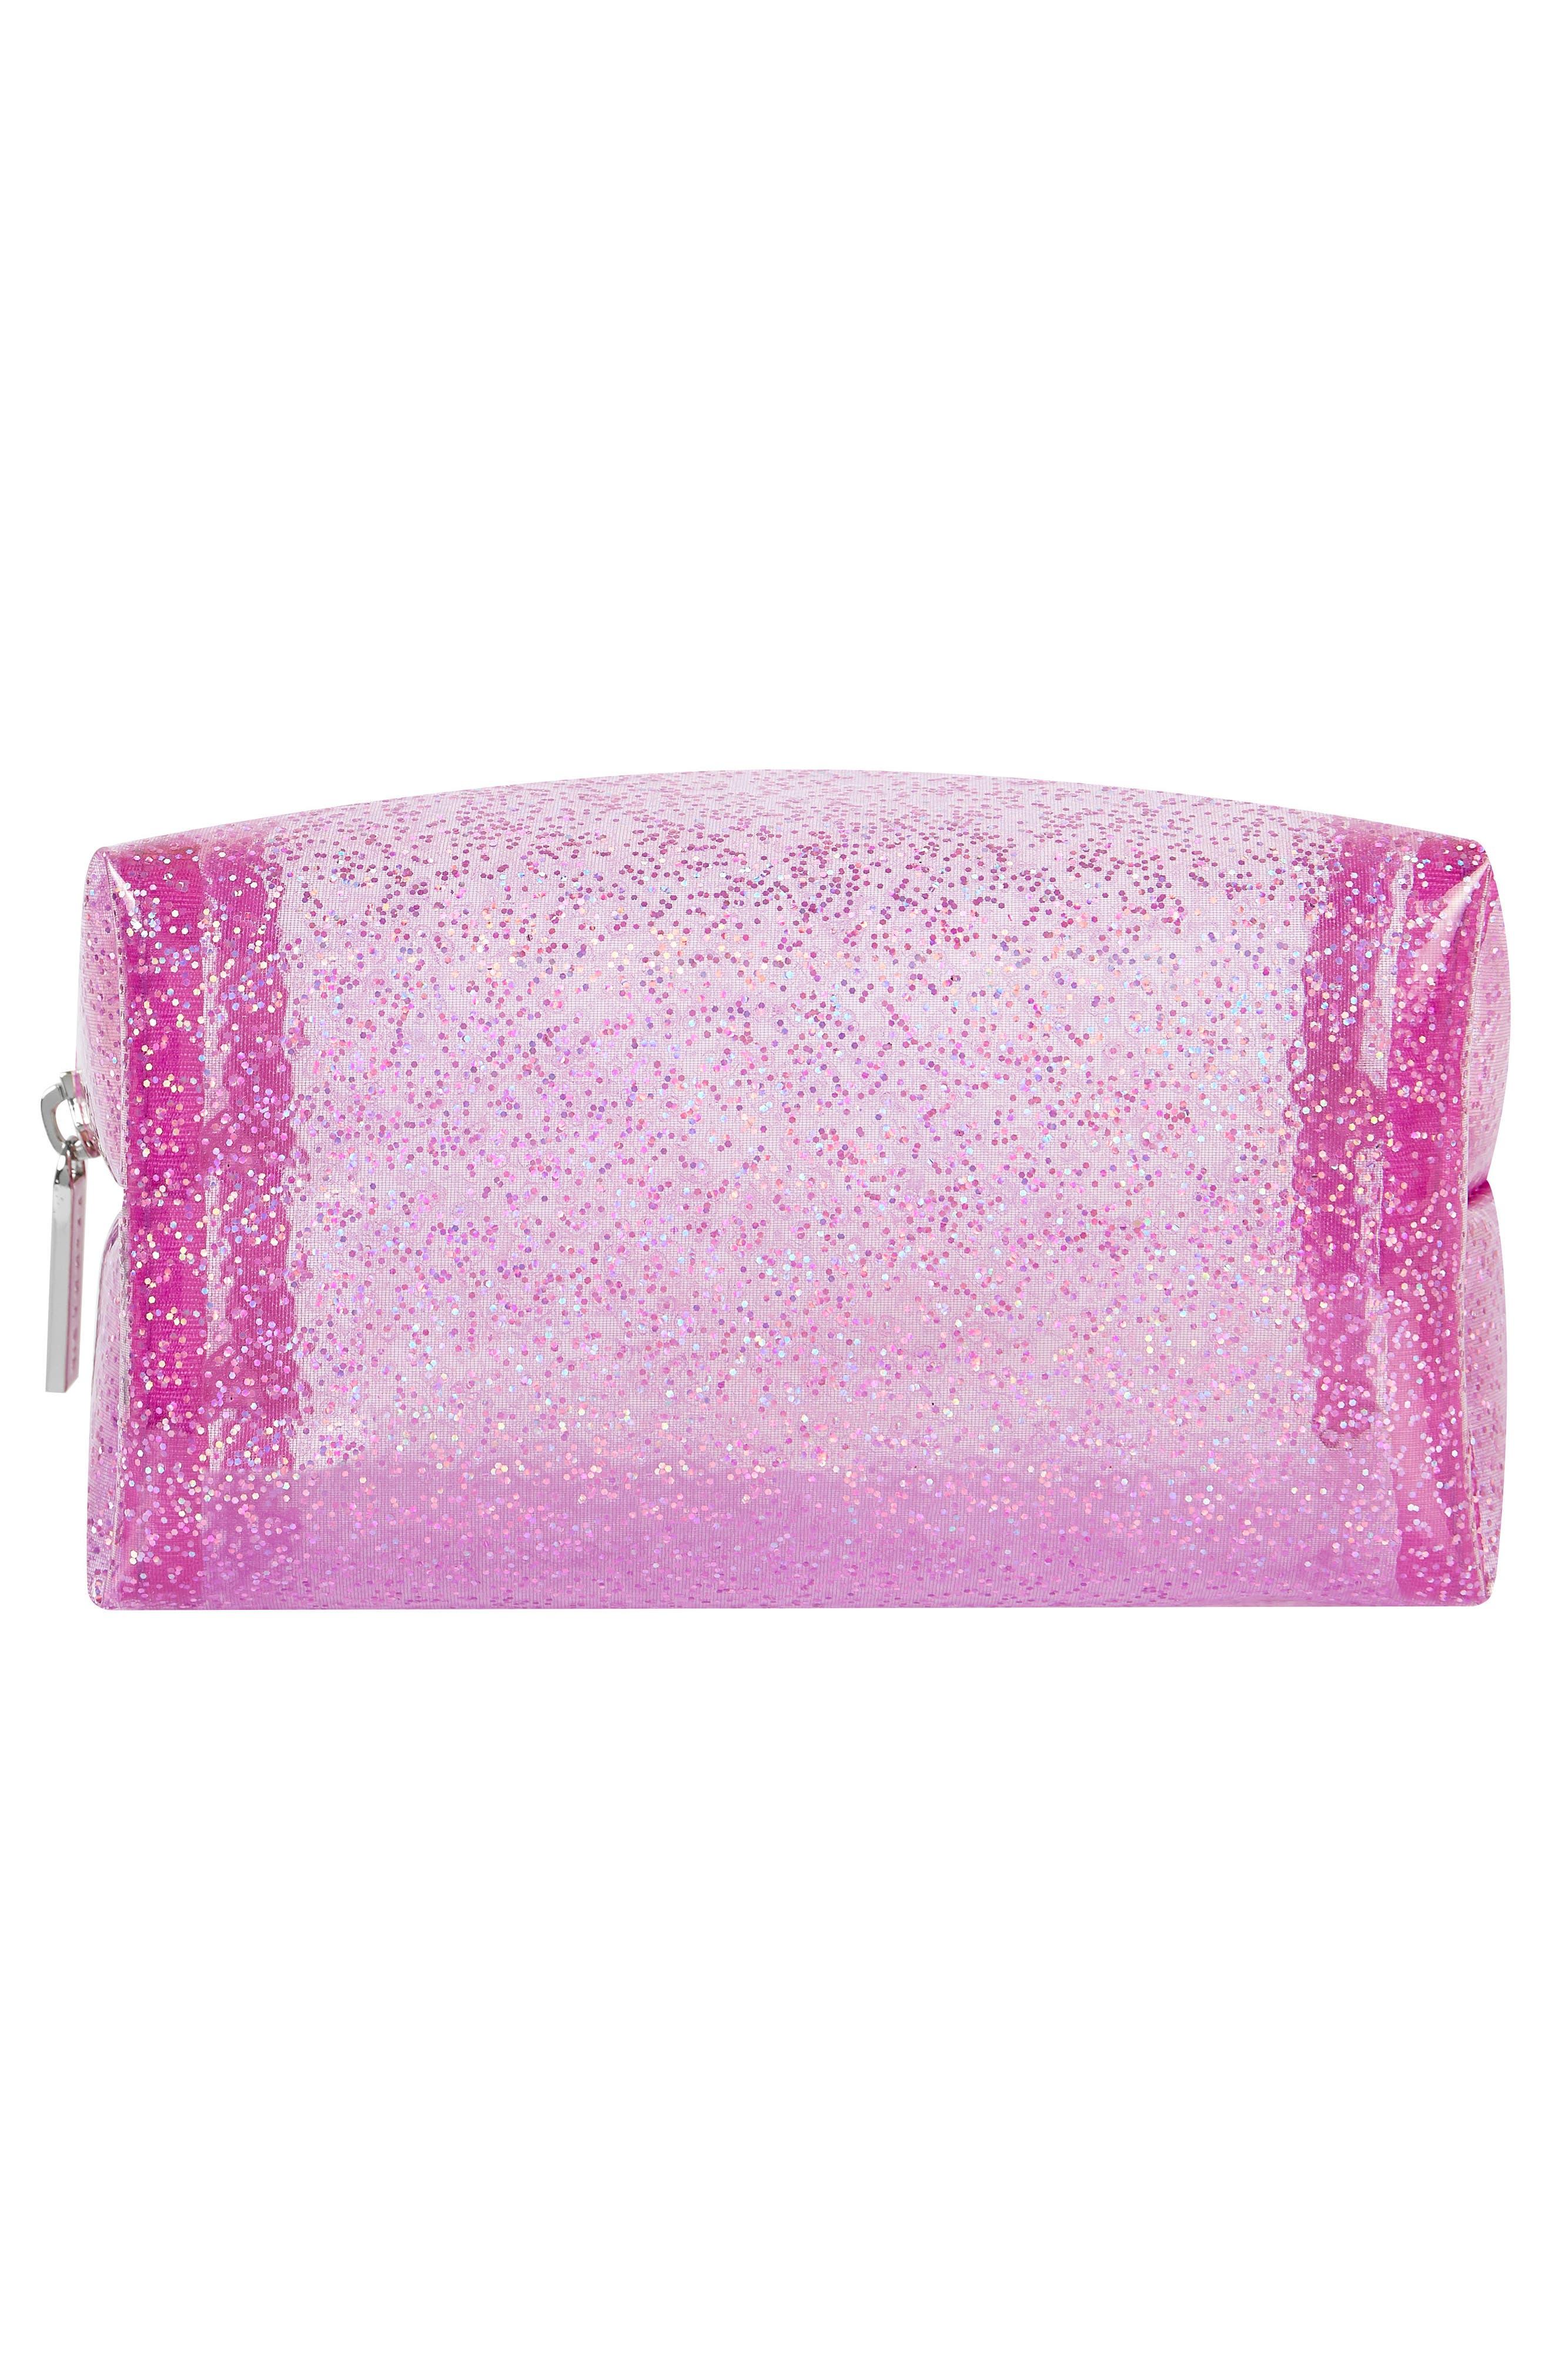 Glitter Bomb Makeup Bag,                             Alternate thumbnail 2, color,                             000